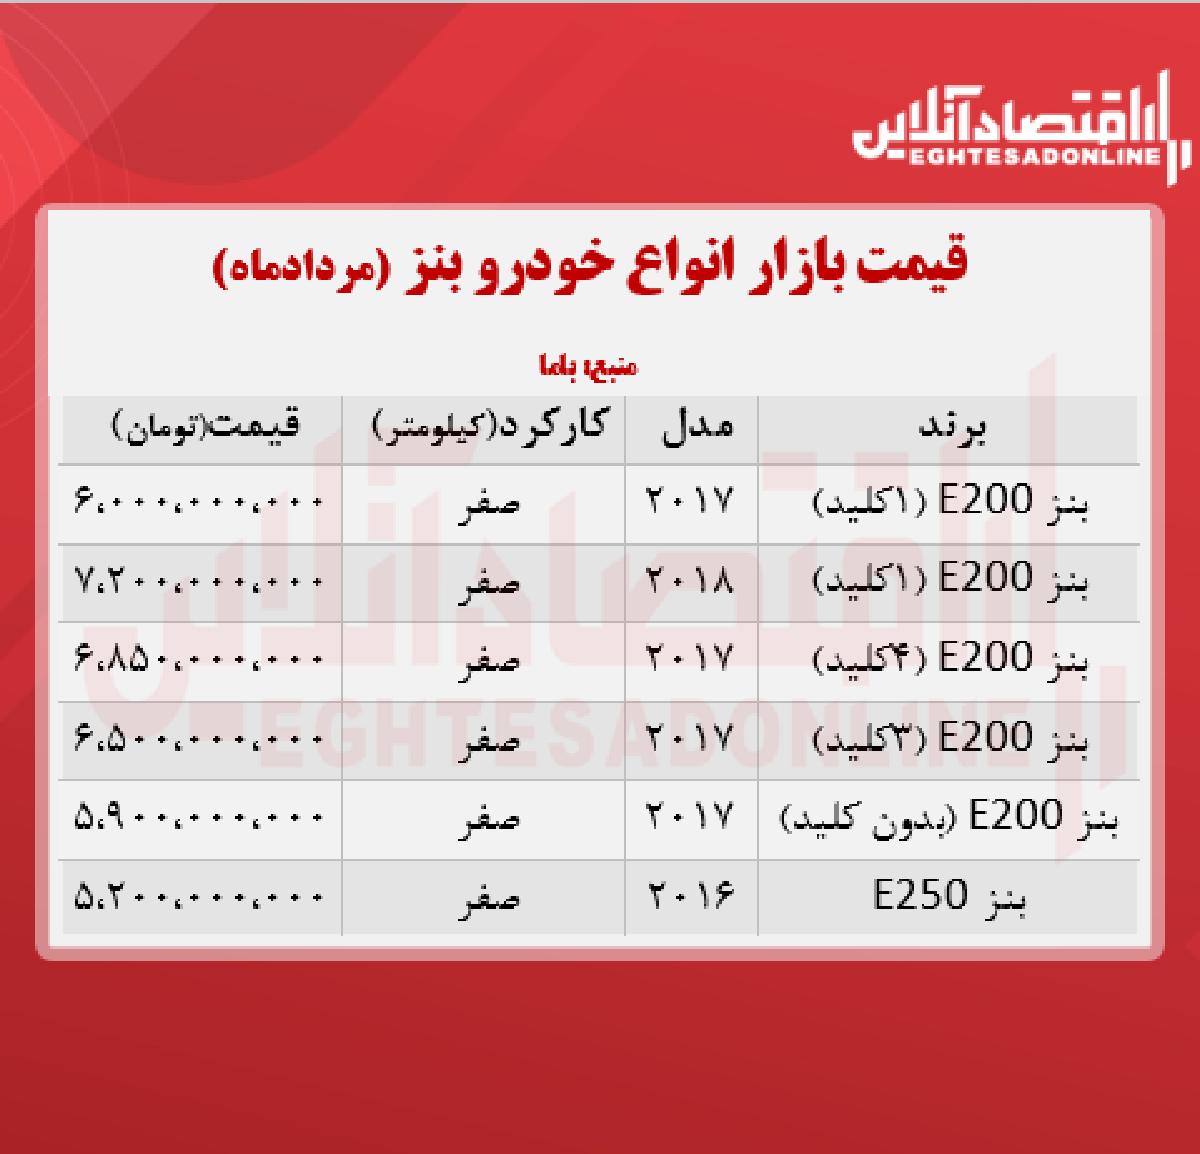 قیمت جدید انواع بنز در ایران